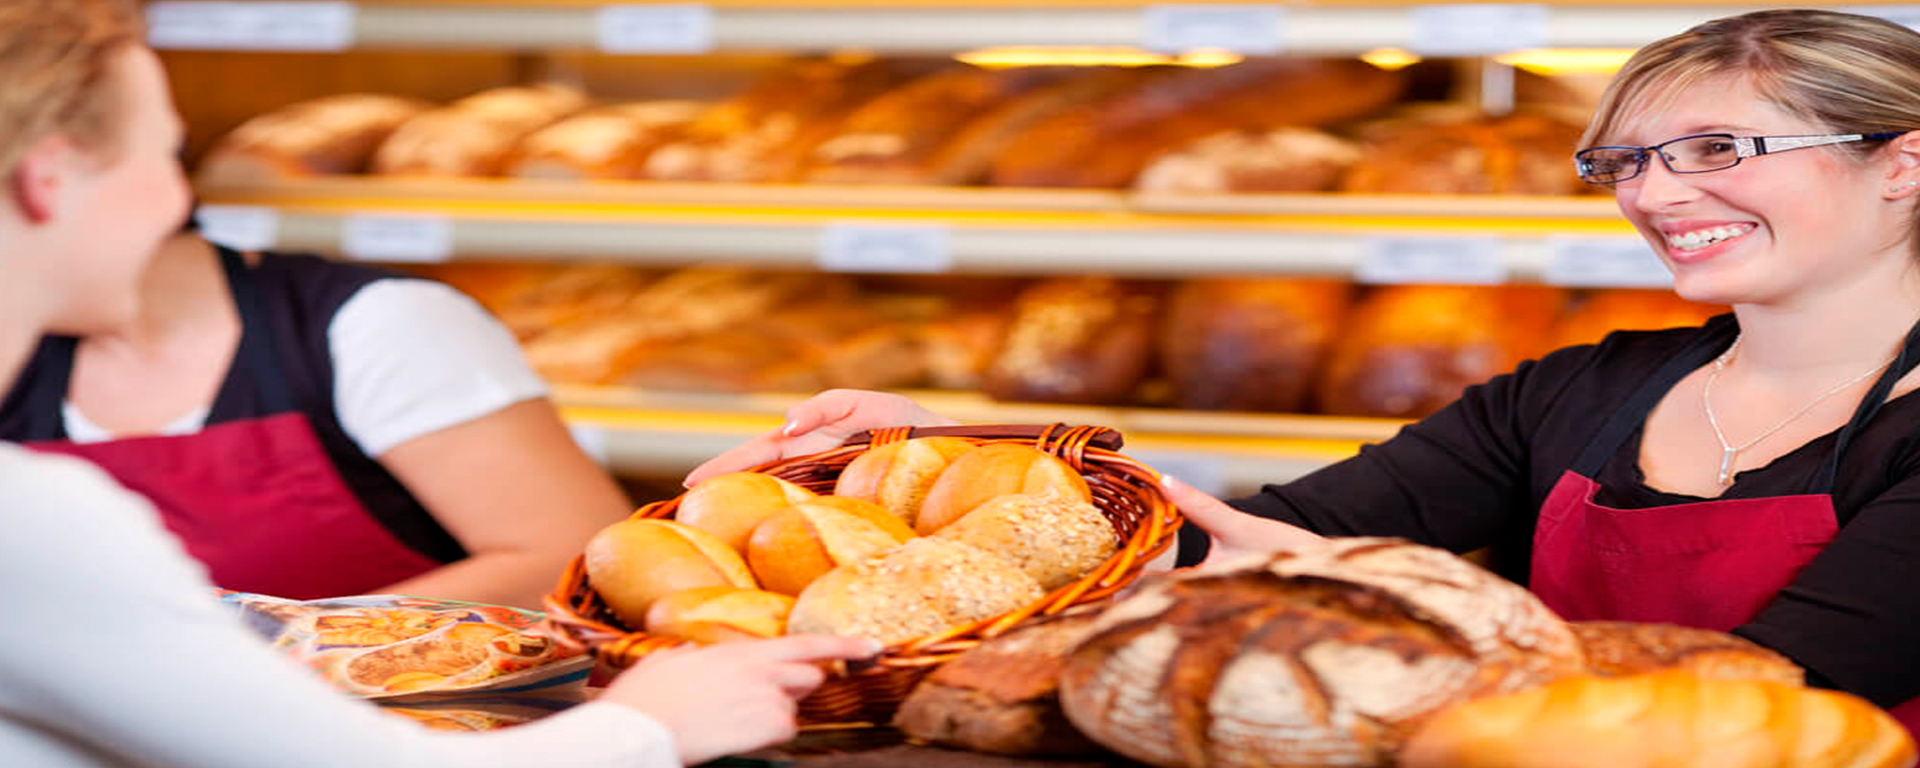 Afinal, o pão é saudável? Descubra aqui!